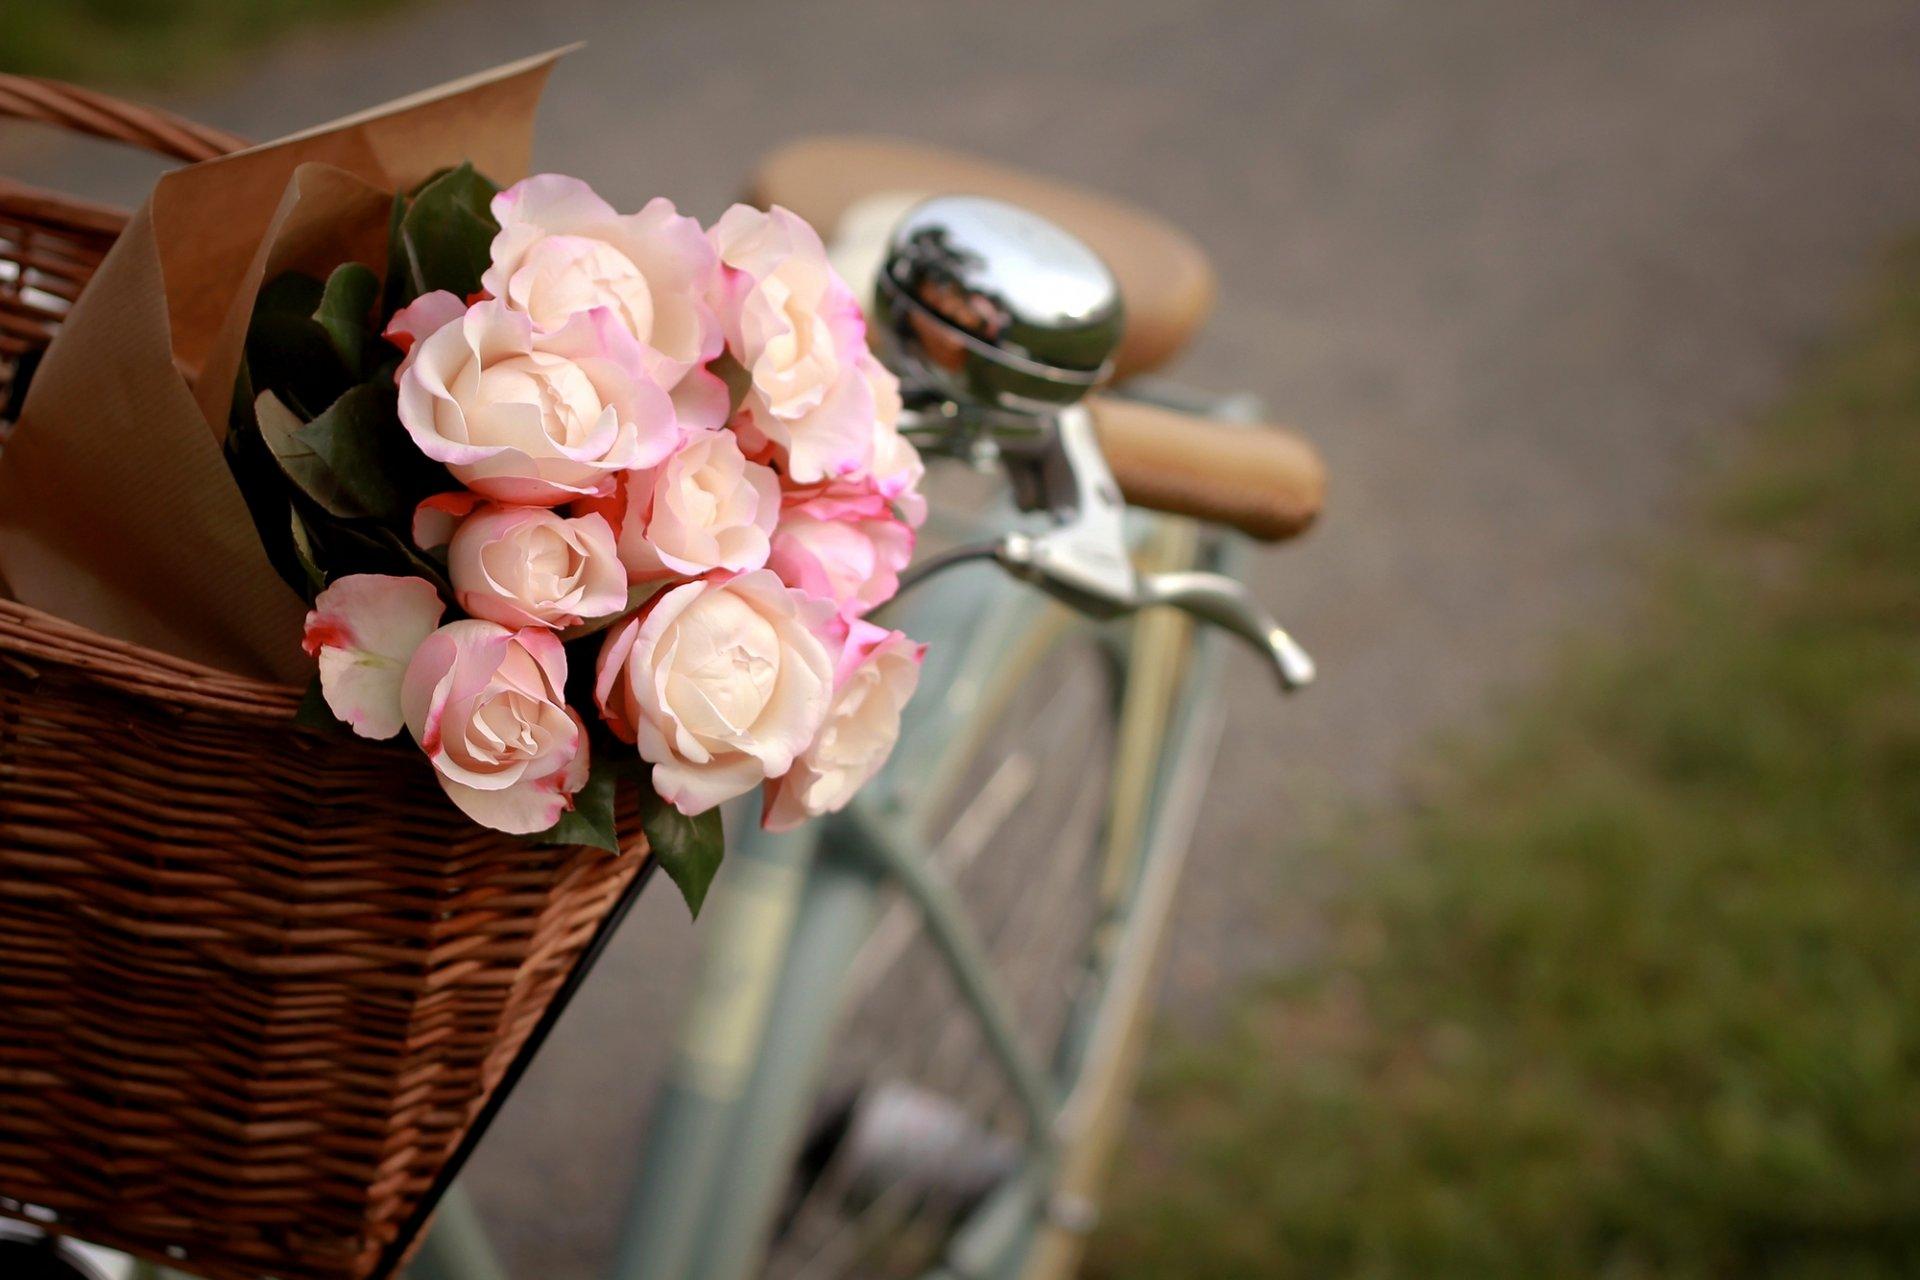 цветы букет розы скамейка природа без смс